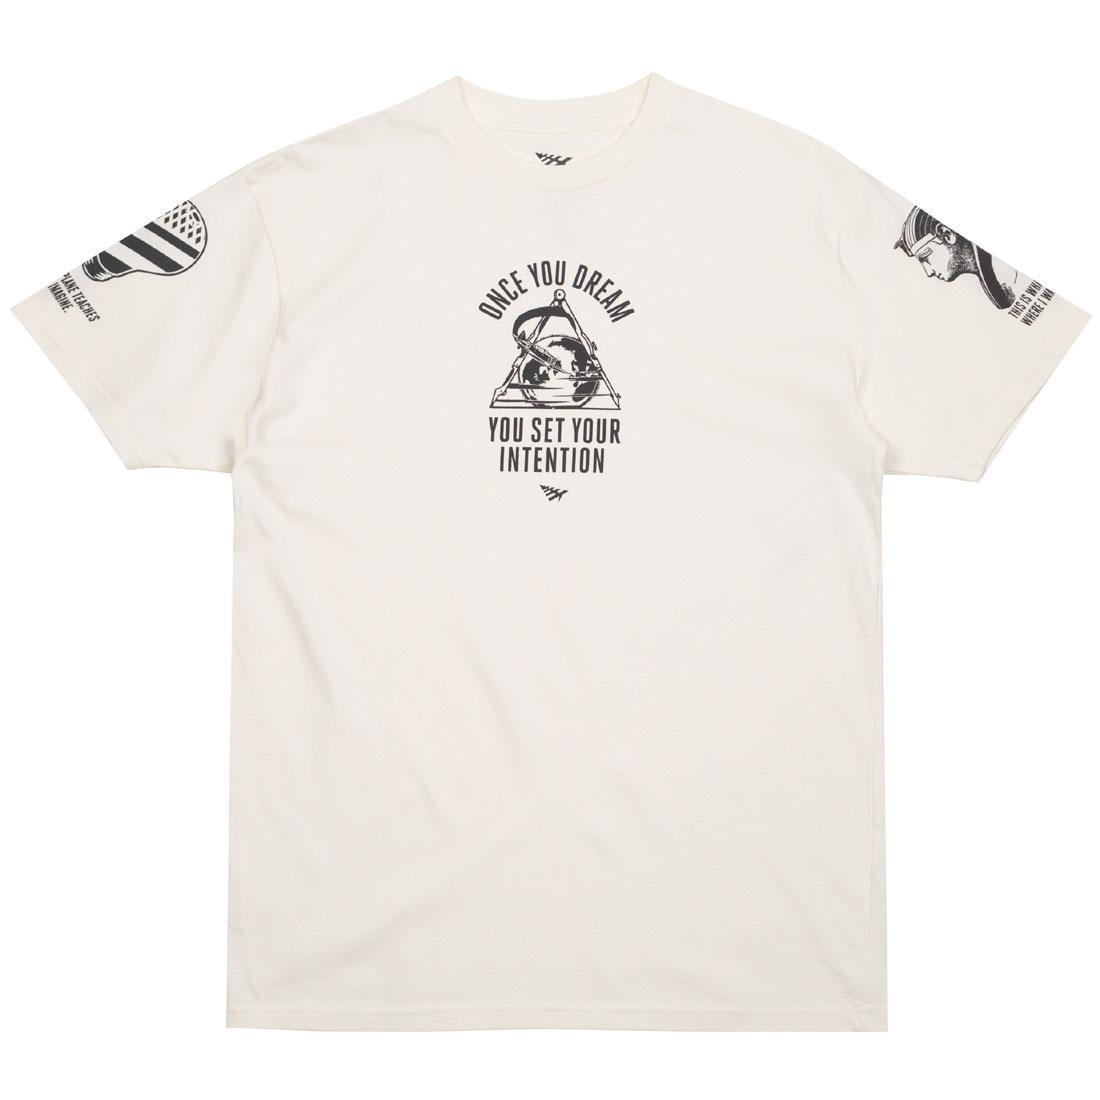 Tシャツ 茶 ブラウン 砂色 サンド 【 BROWN PAPER PLANES MEN TRIFECTA TEE SAND 】 メンズファッション トップス Tシャツ カットソー